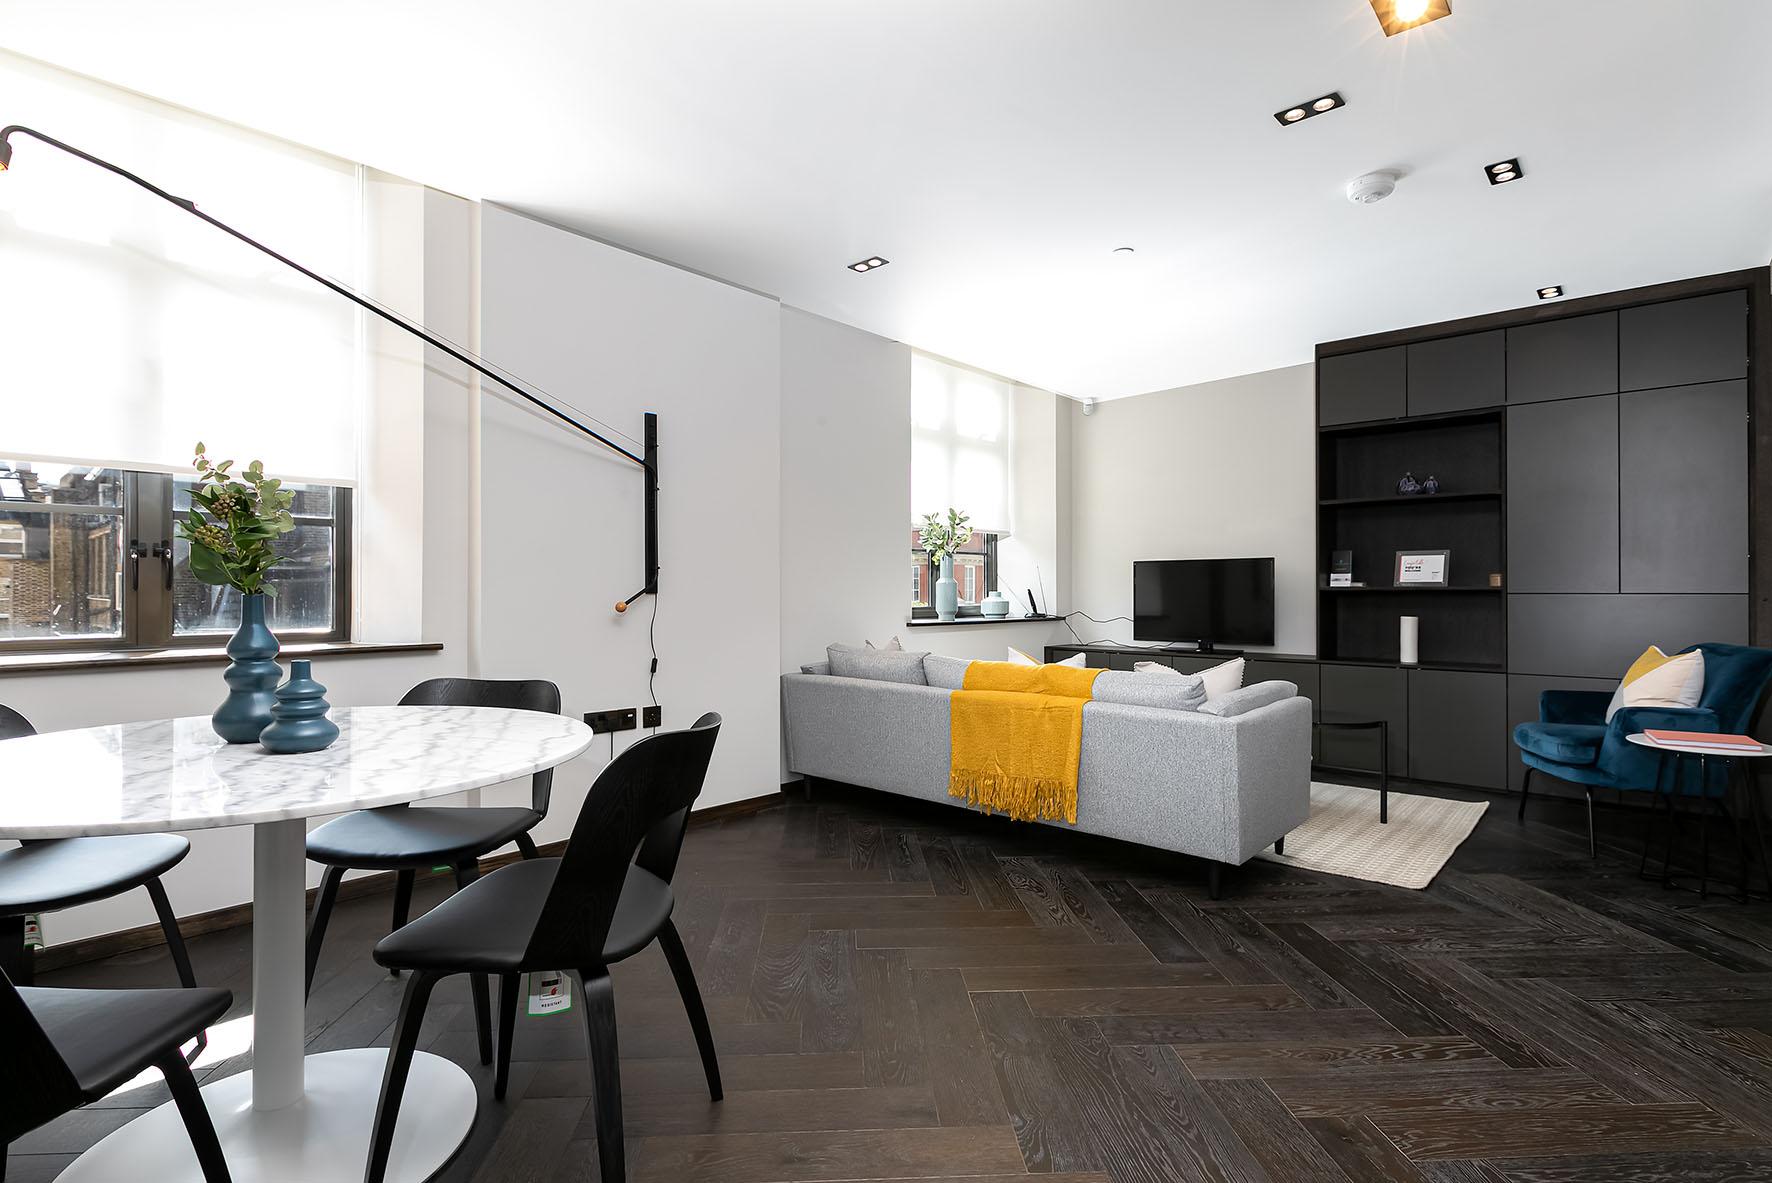 Lovelydays luxury service apartment rental - London - Soho - Oxford Street V - Lovelysuite - 1 bedrooms - 1 bathrooms - Luxury living room - 98c1301ff2d5 - Lovelydays